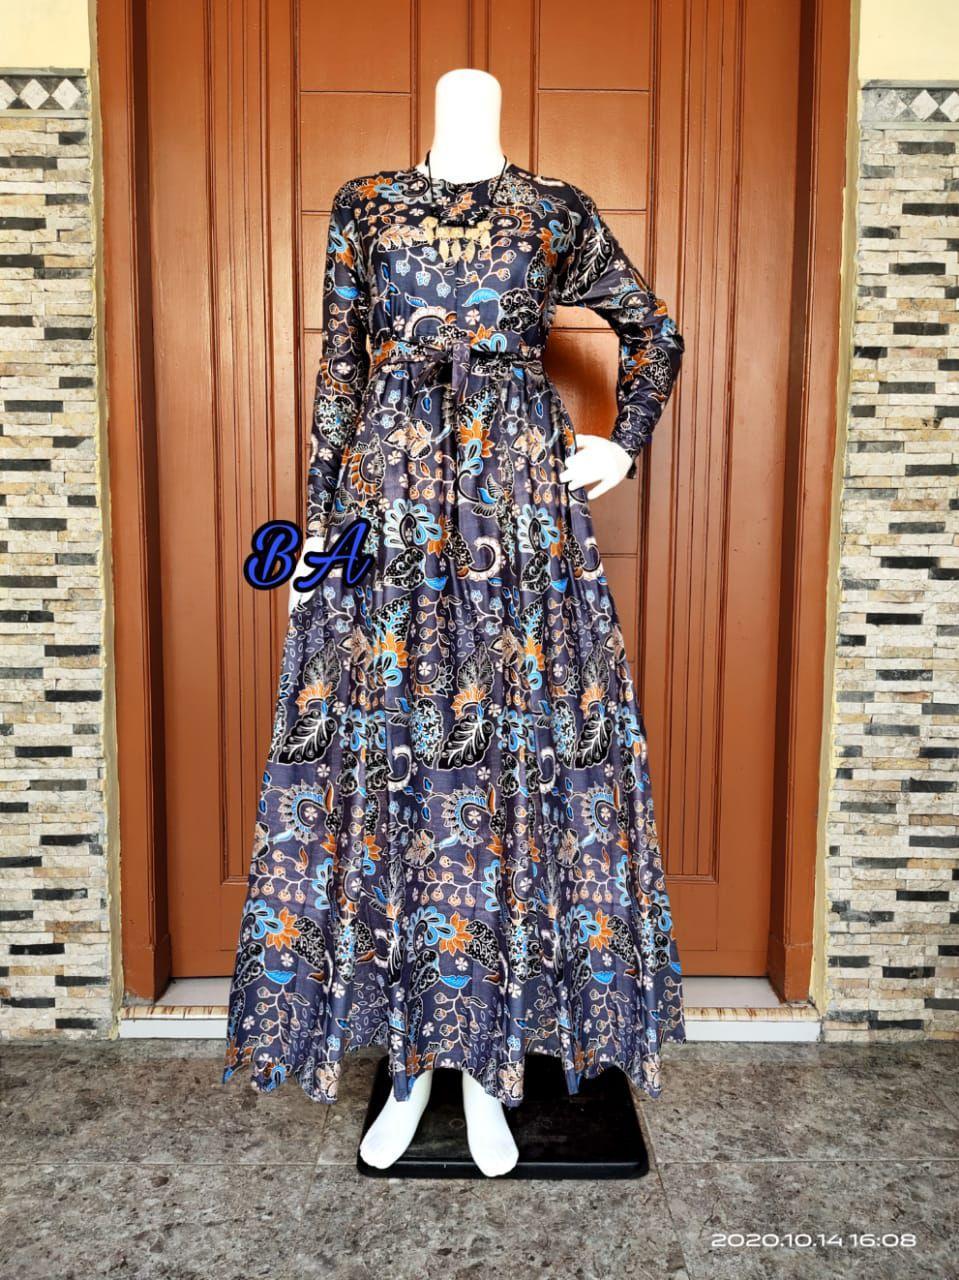 Gamis Terbaru 2020 Modern Gamis Katun Rayon Terbaru 2020 Gamis Murah Bagus Baju Gamis Wanita Terbaru 2020 Dres Wanita Terbaru Gamis Batik Terbaru Gamis Murah Bagus